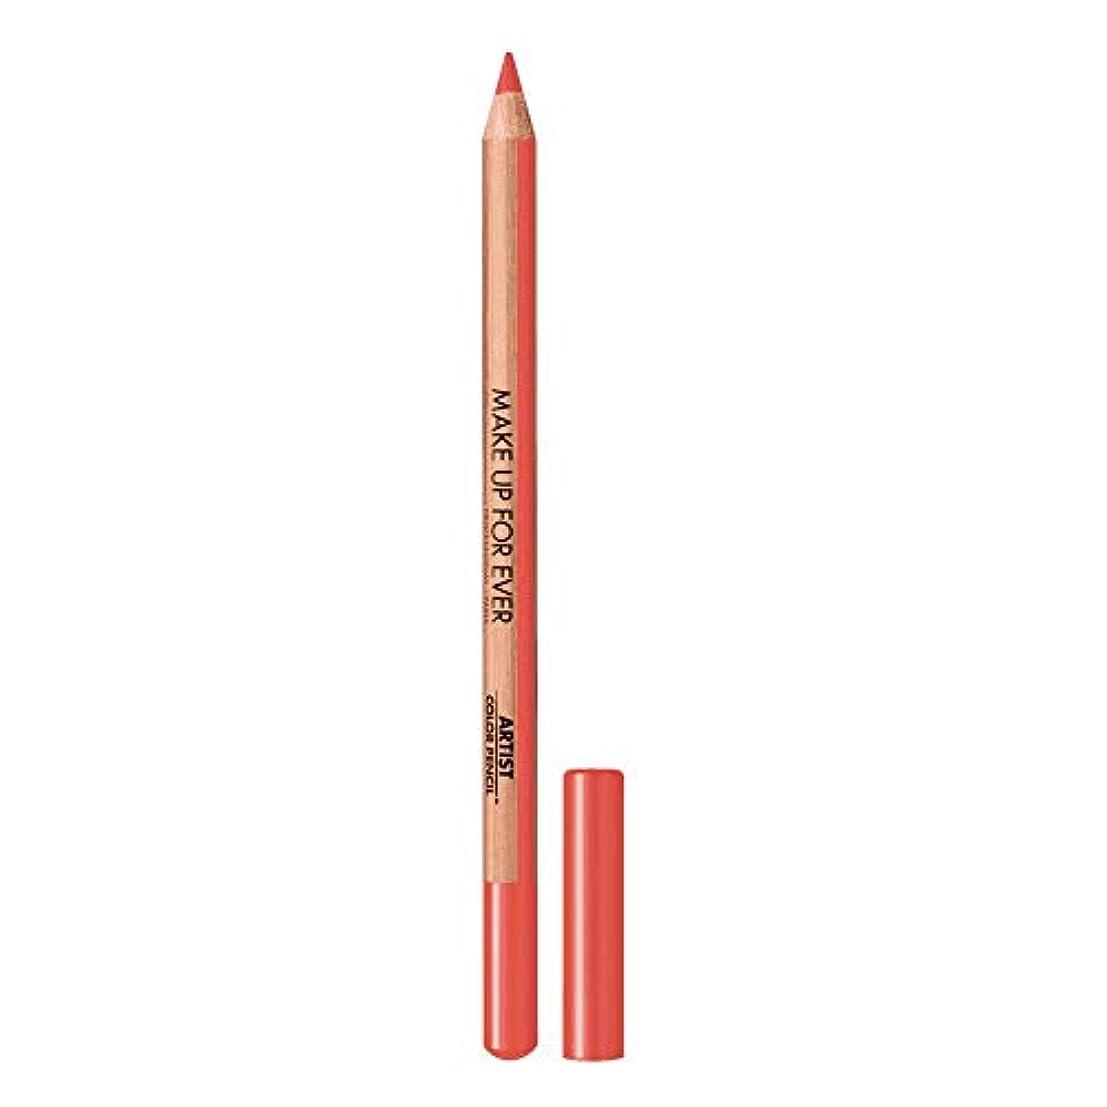 やりすぎインポートかるメイクアップフォーエバー Artist Color Pencil - # 700 Wichever Coral 1.41g/0.04oz並行輸入品